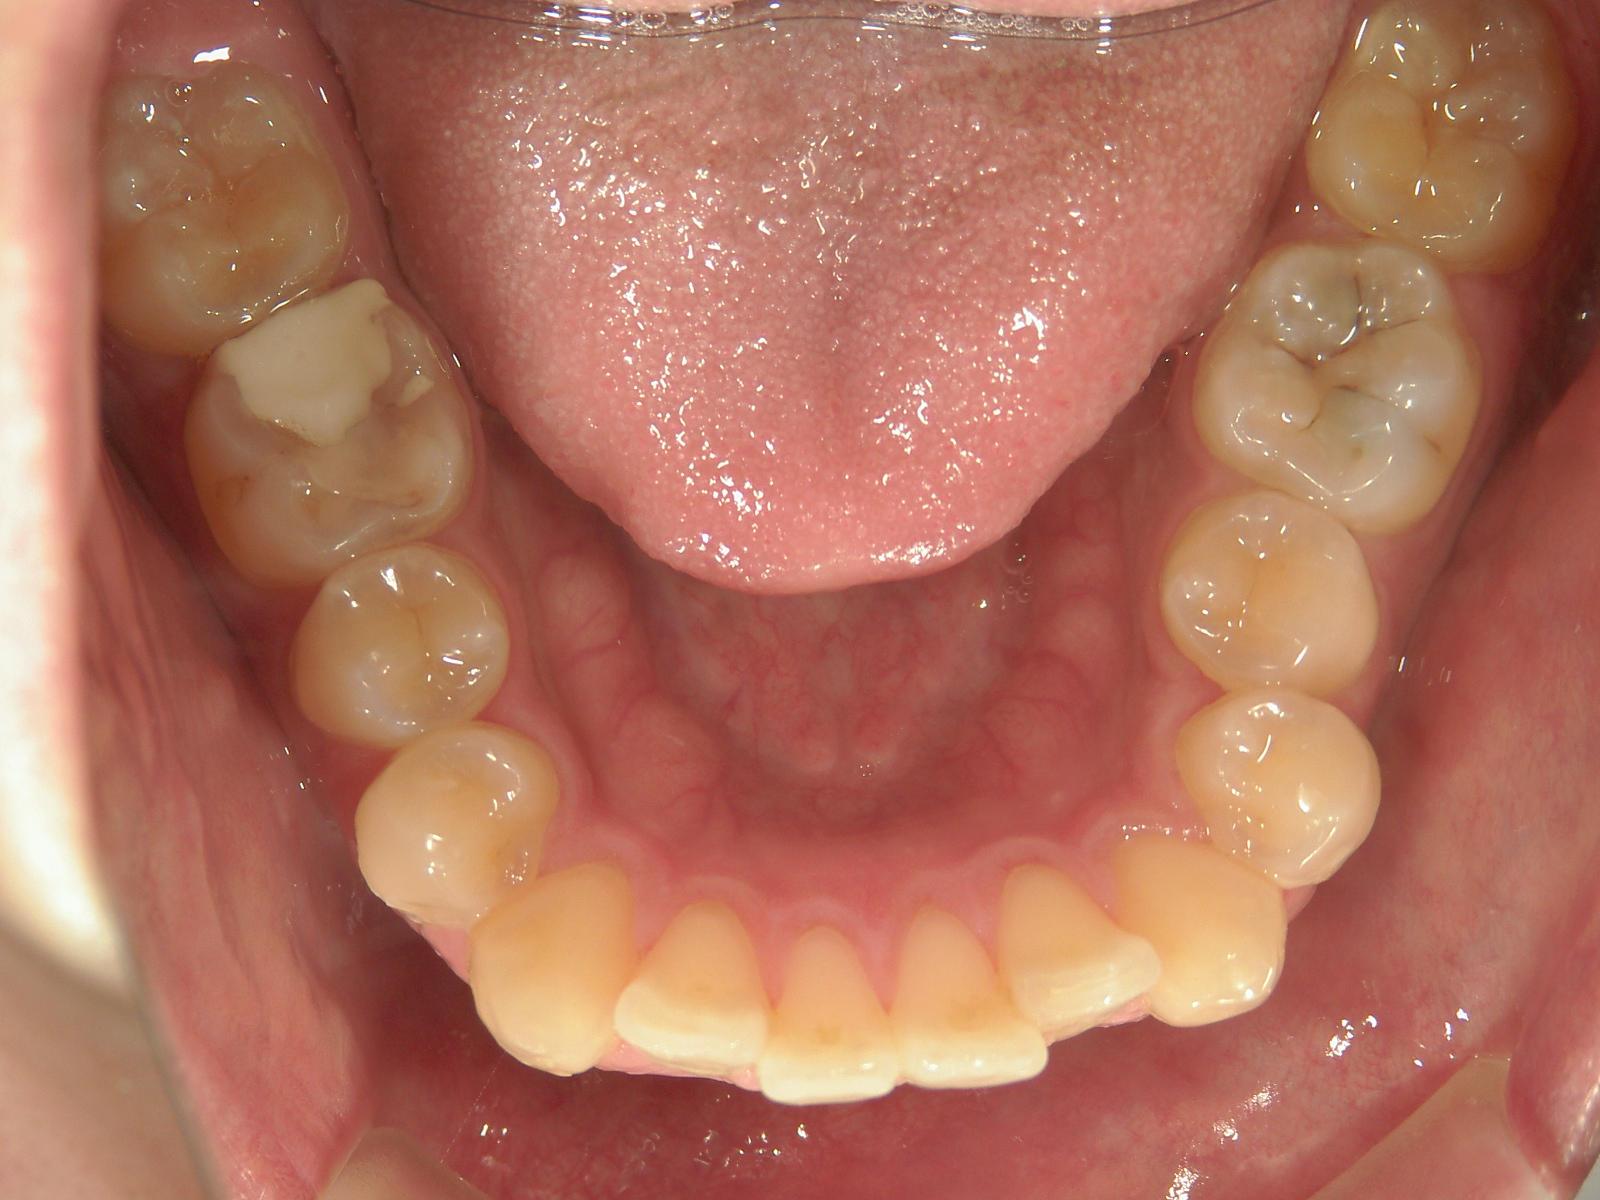 全顎ワイヤー矯正 症例(84)